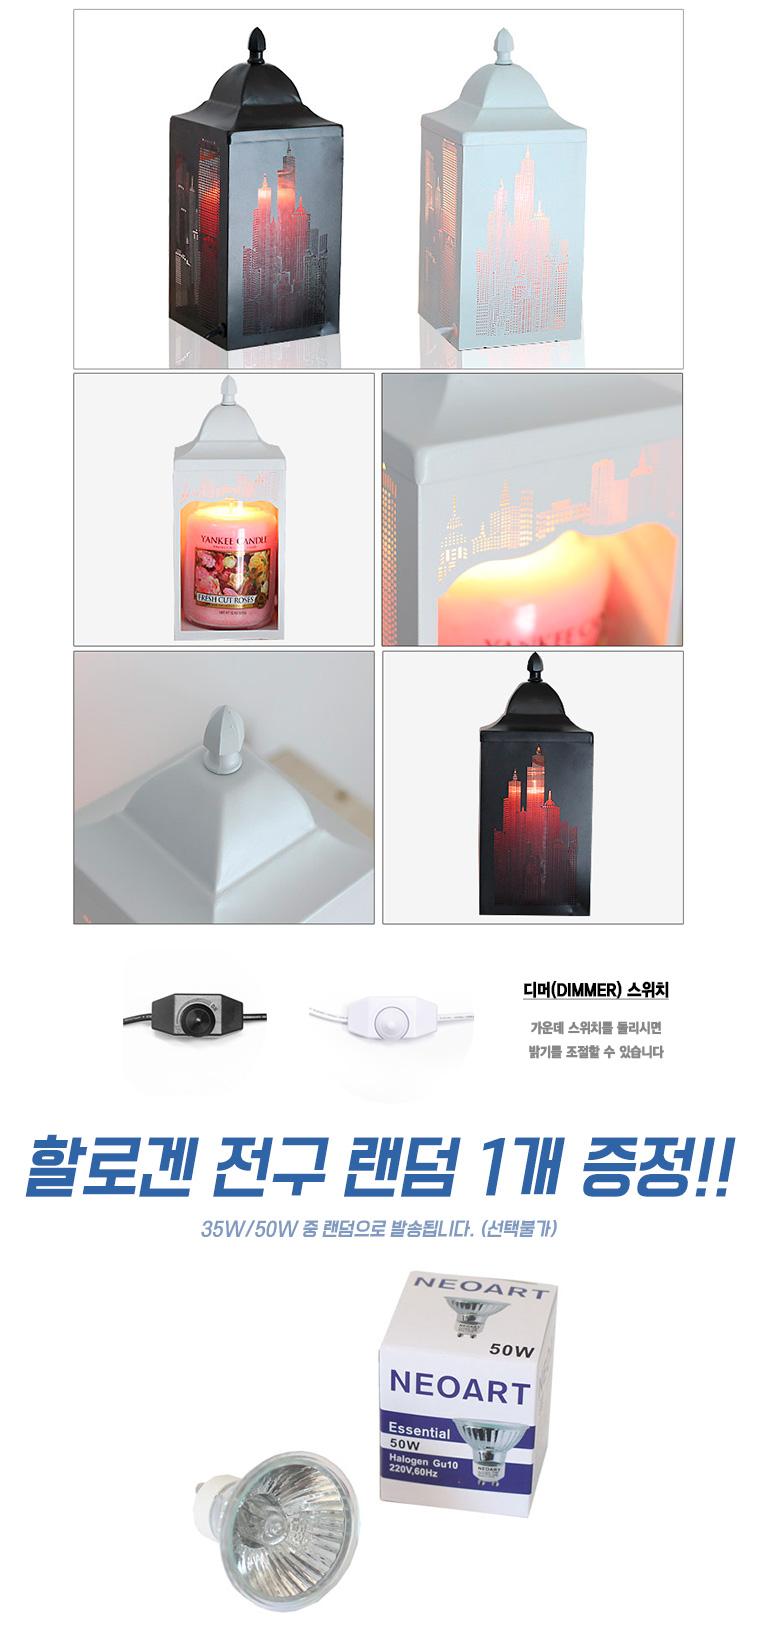 메트로(중) 캔들워머 + 양키캔들 SET - 미트라샵, 42,840원, 캔들, 캔들워머/용품